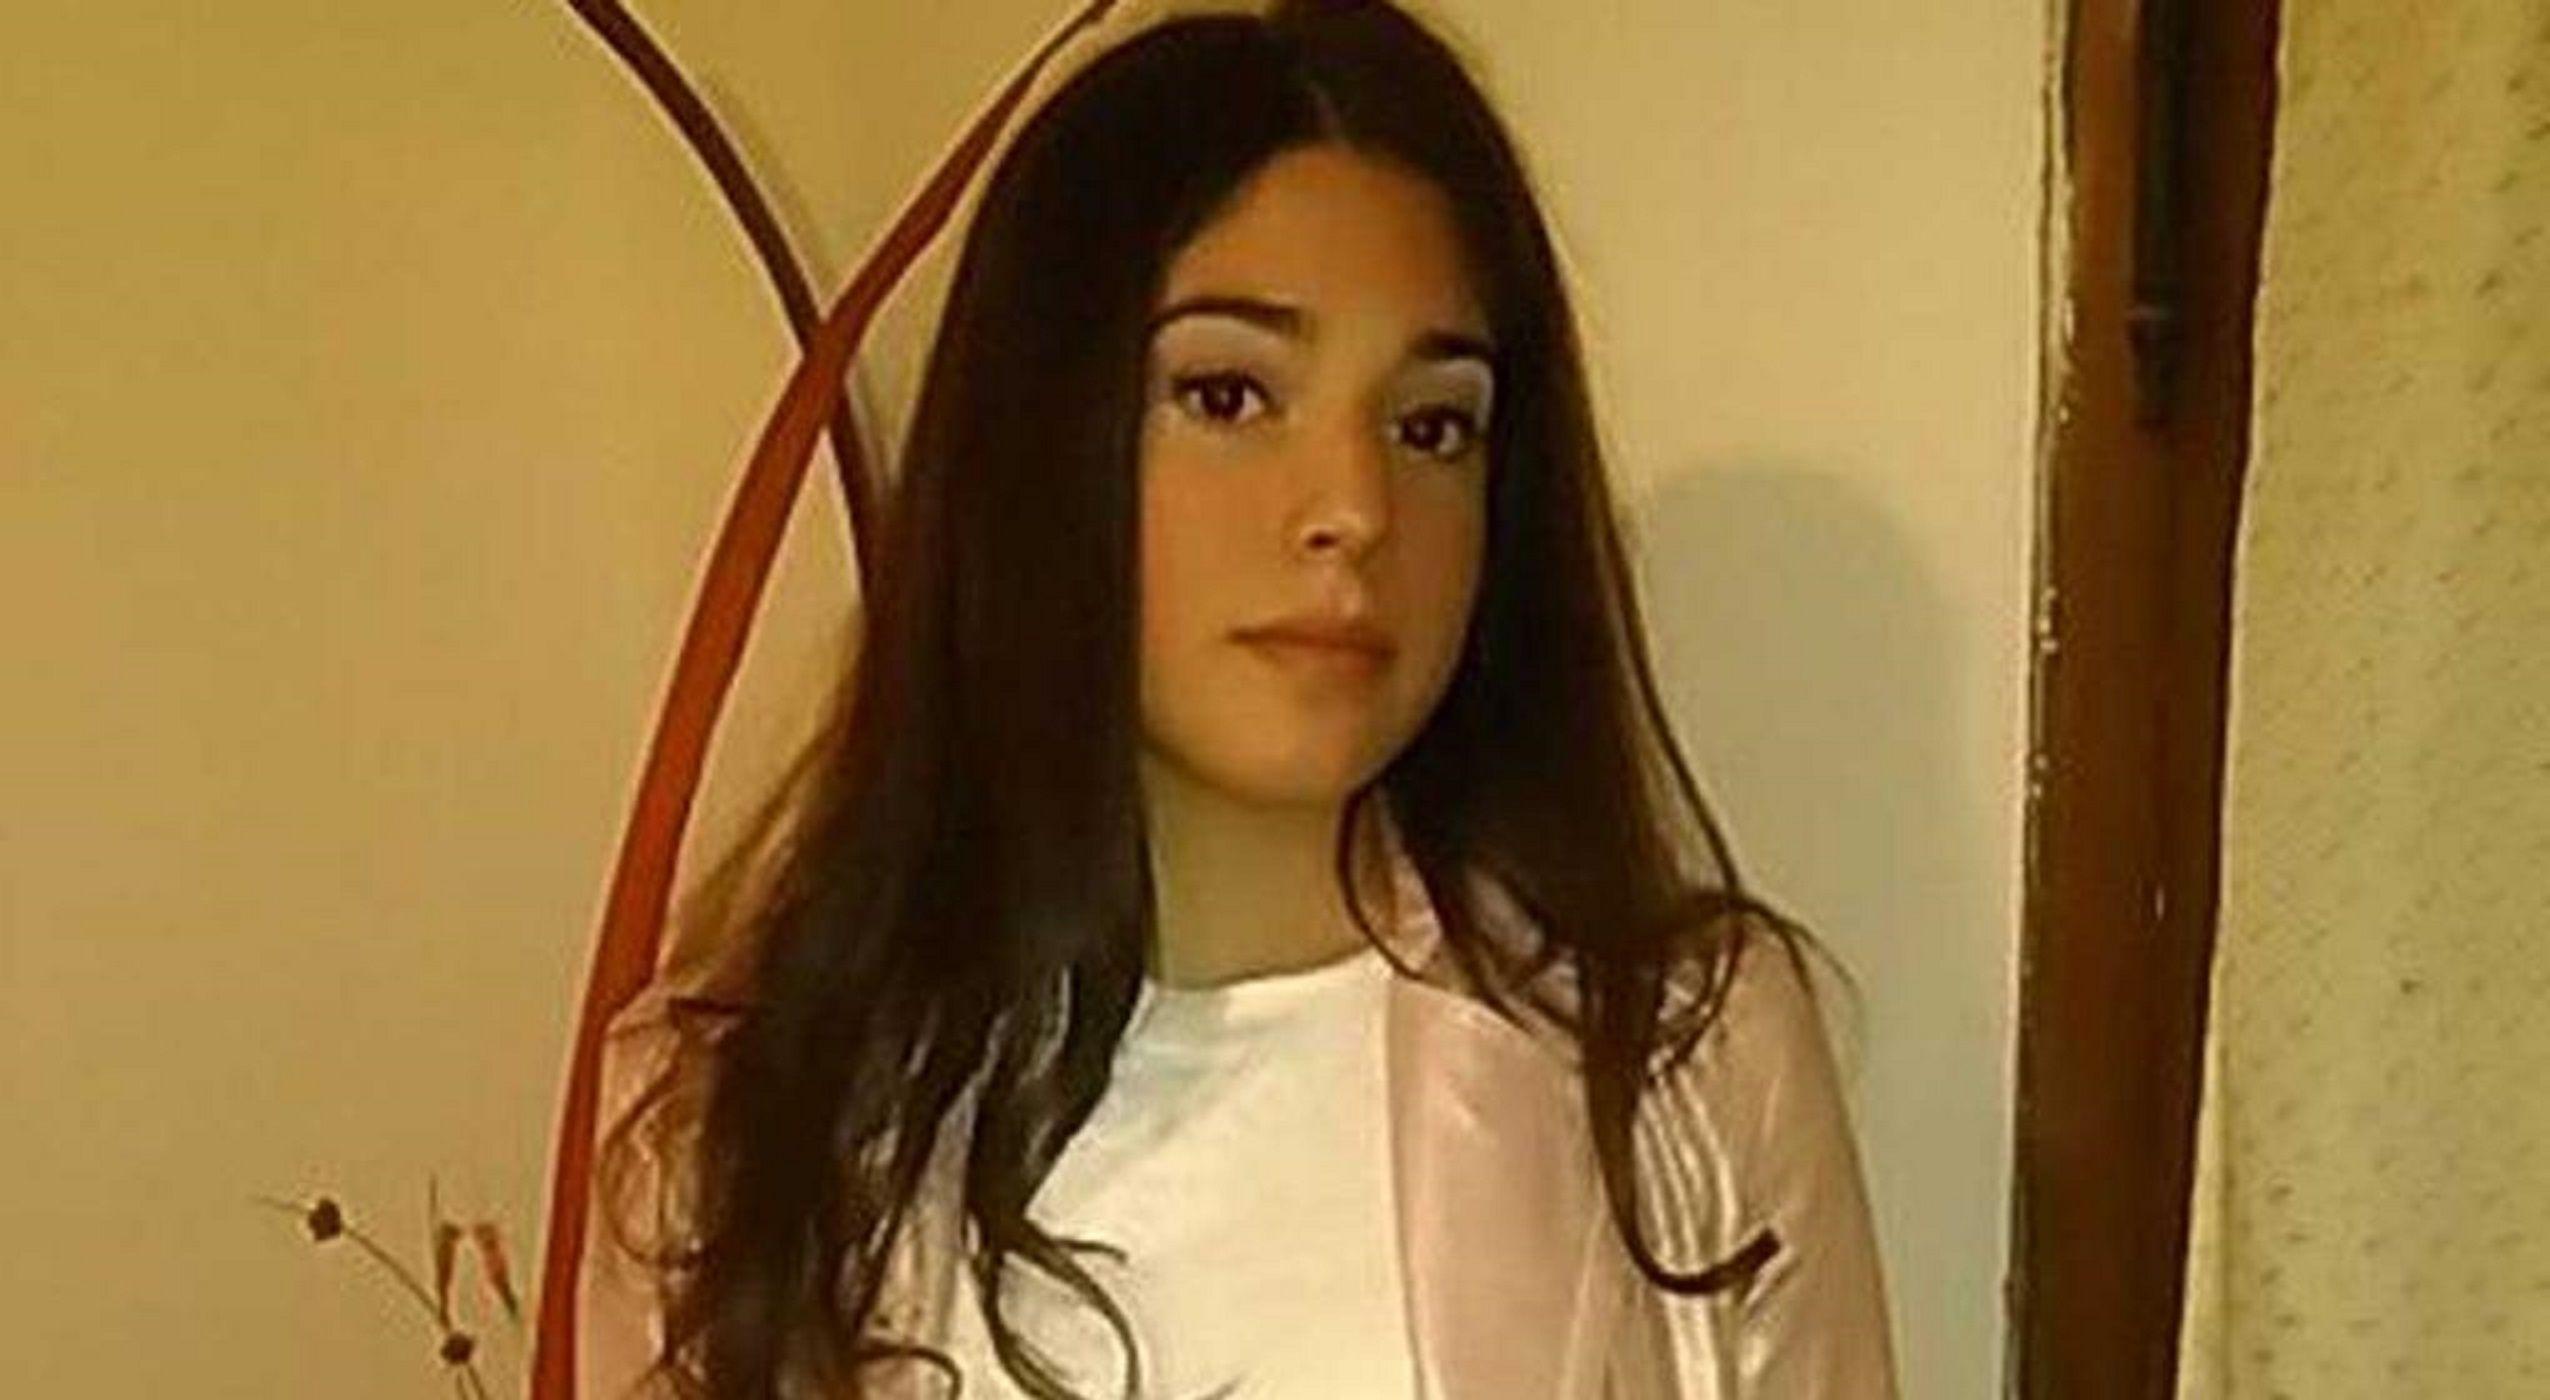 Yasmín Valera